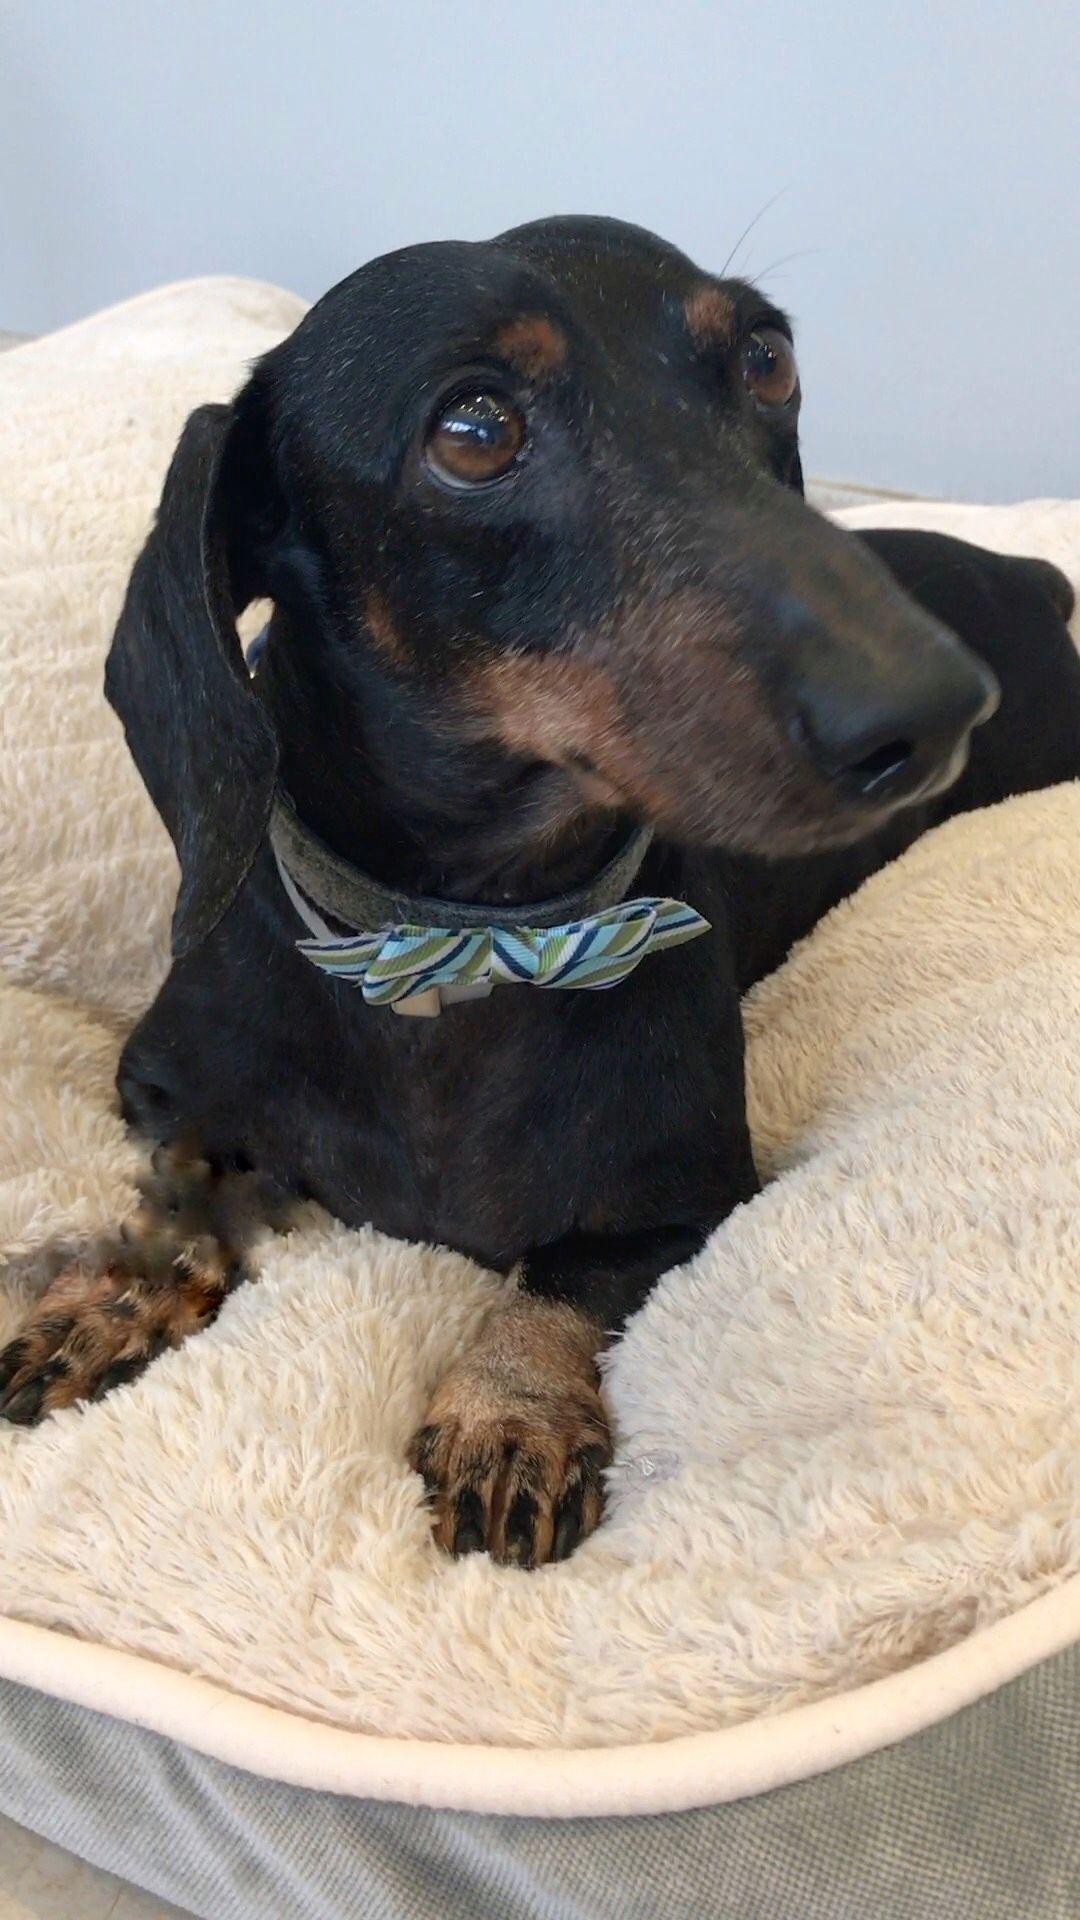 Dachshund dog for Adoption in Weston, FL. ADN676946 on